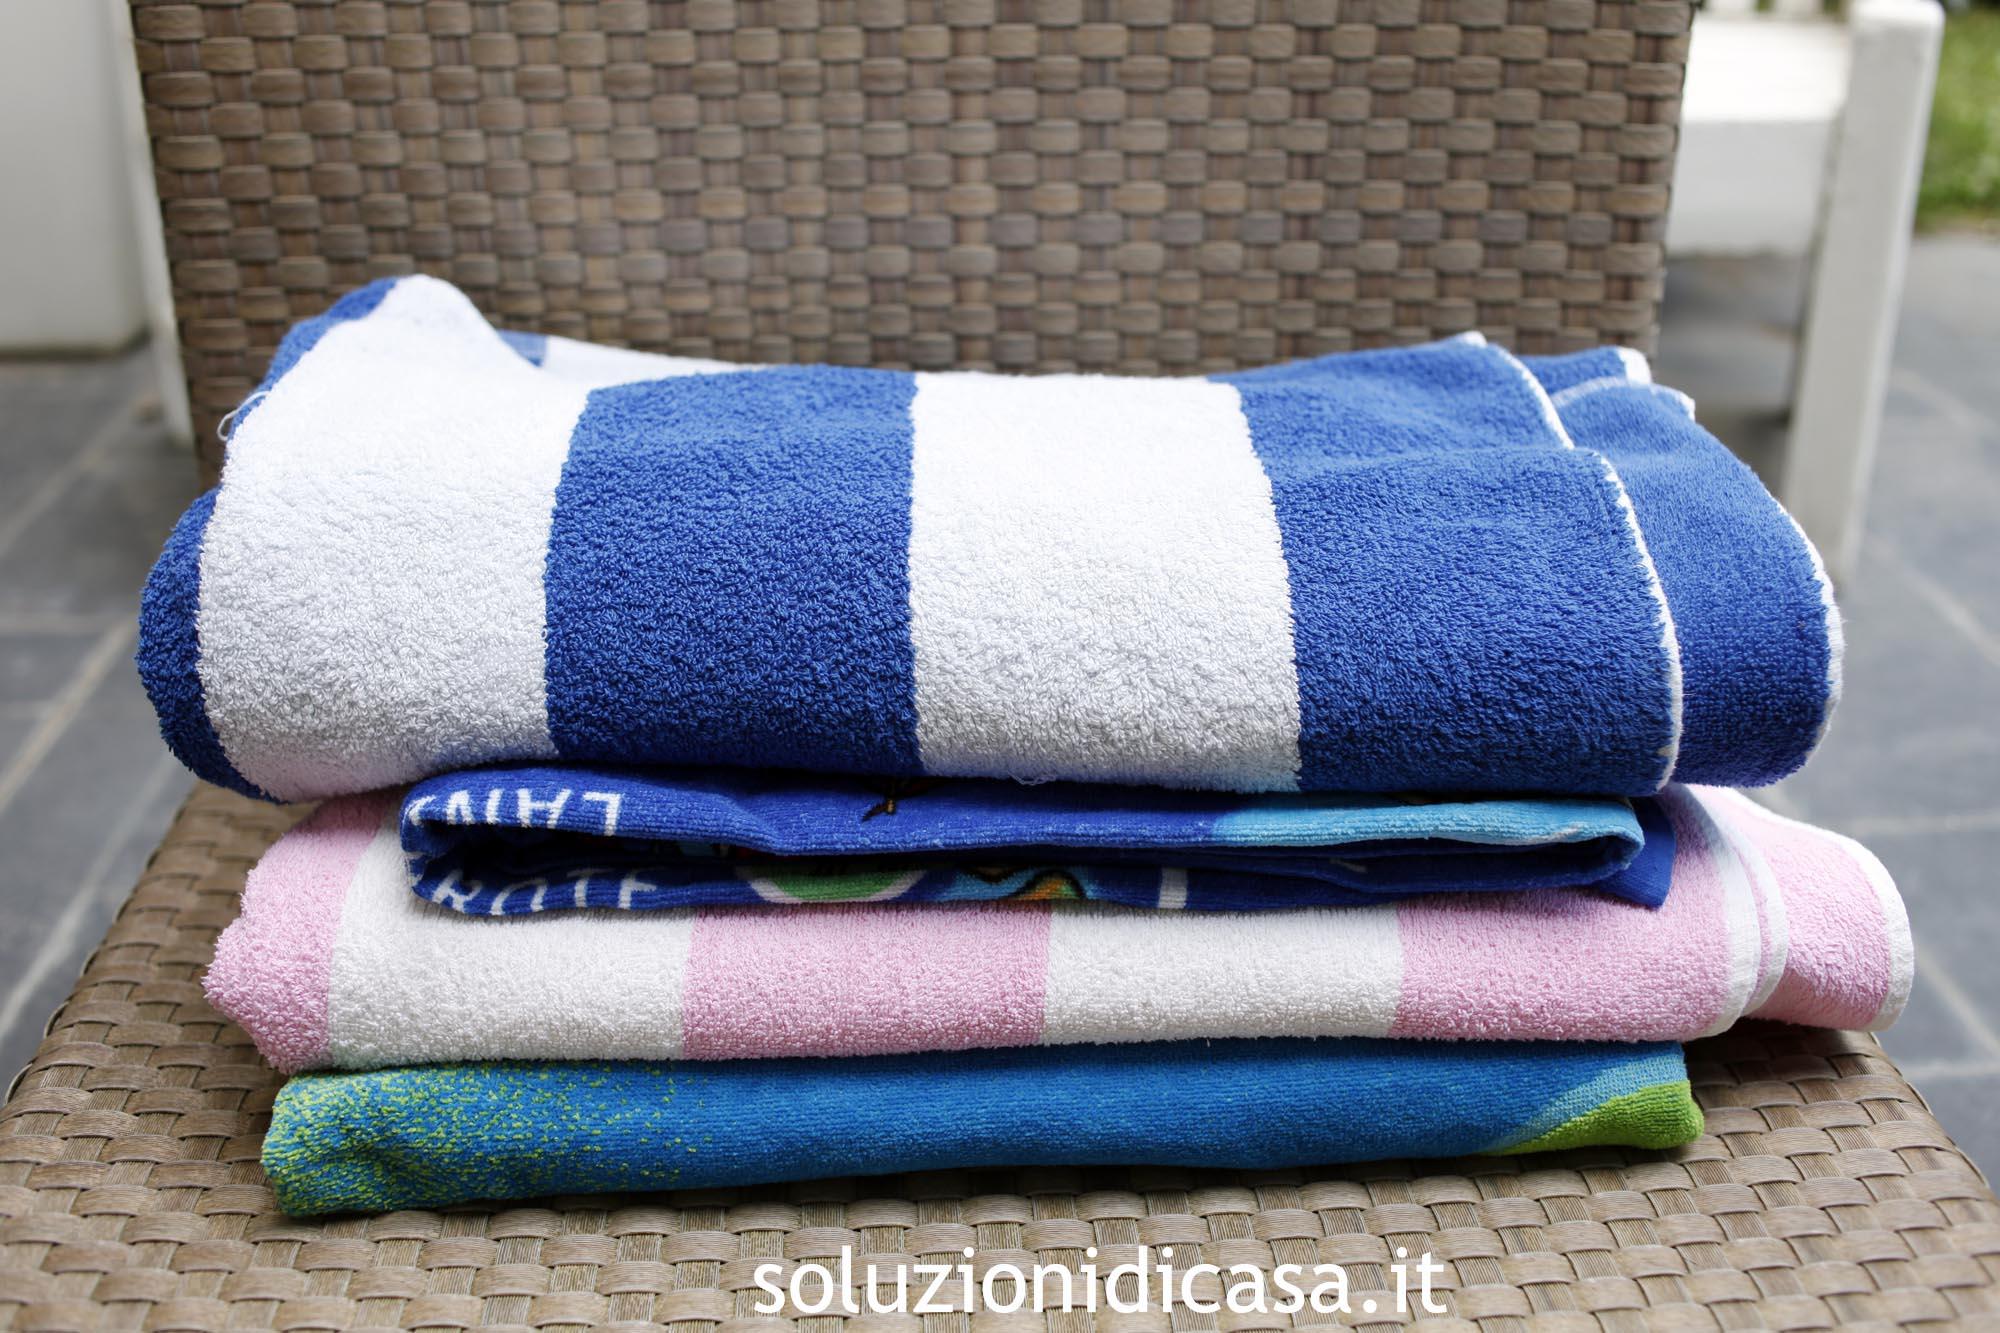 Come lavare gli asciugamani di spugna da mare